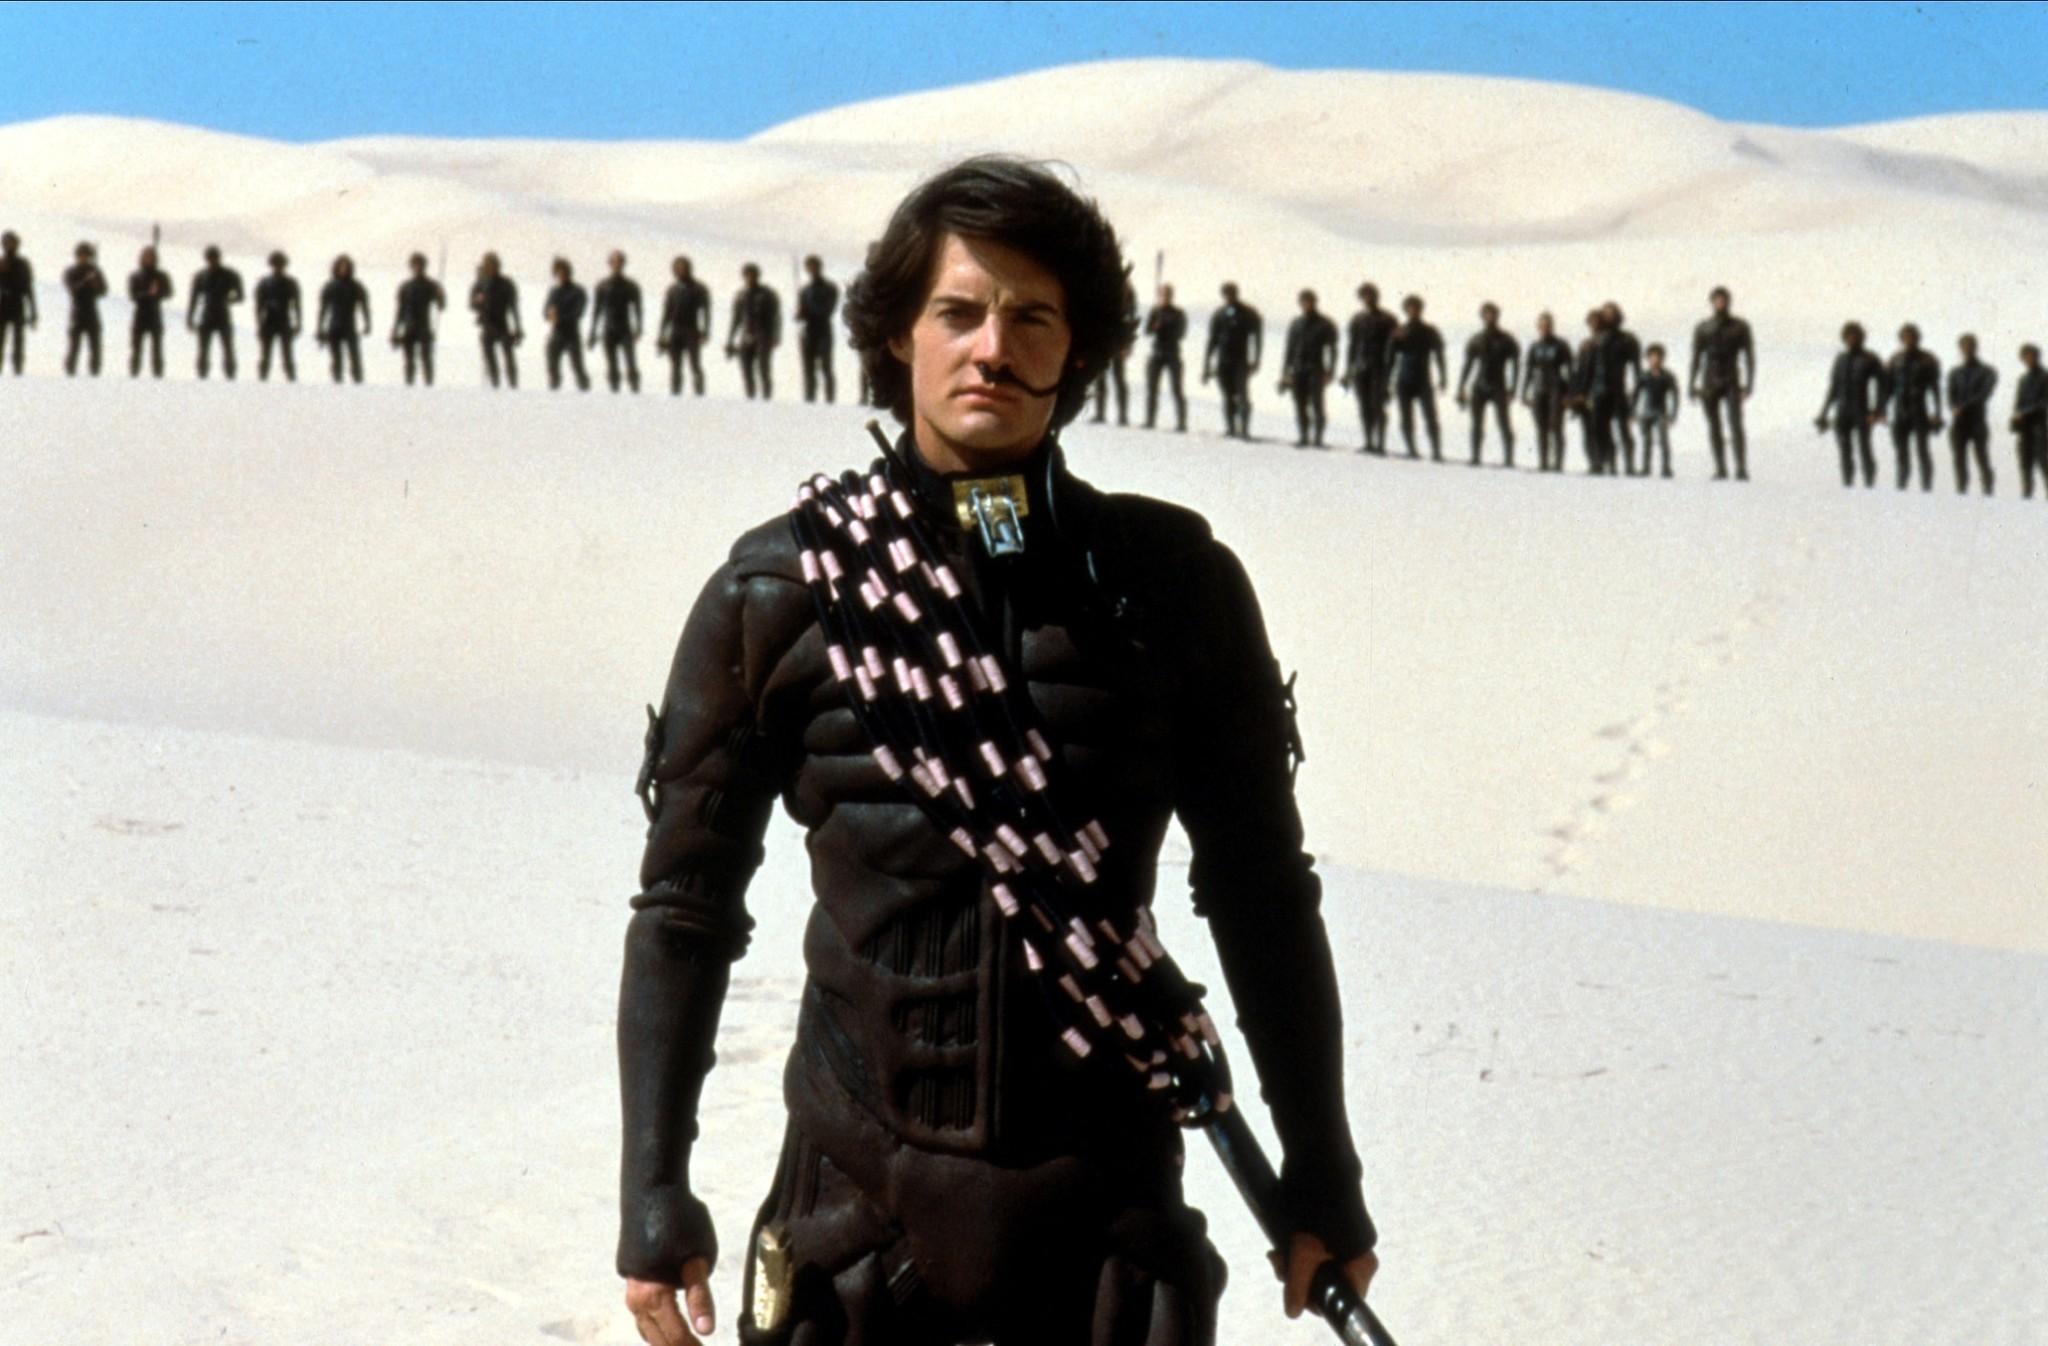 Frank Herbert's Dune at 50 has life in it yet